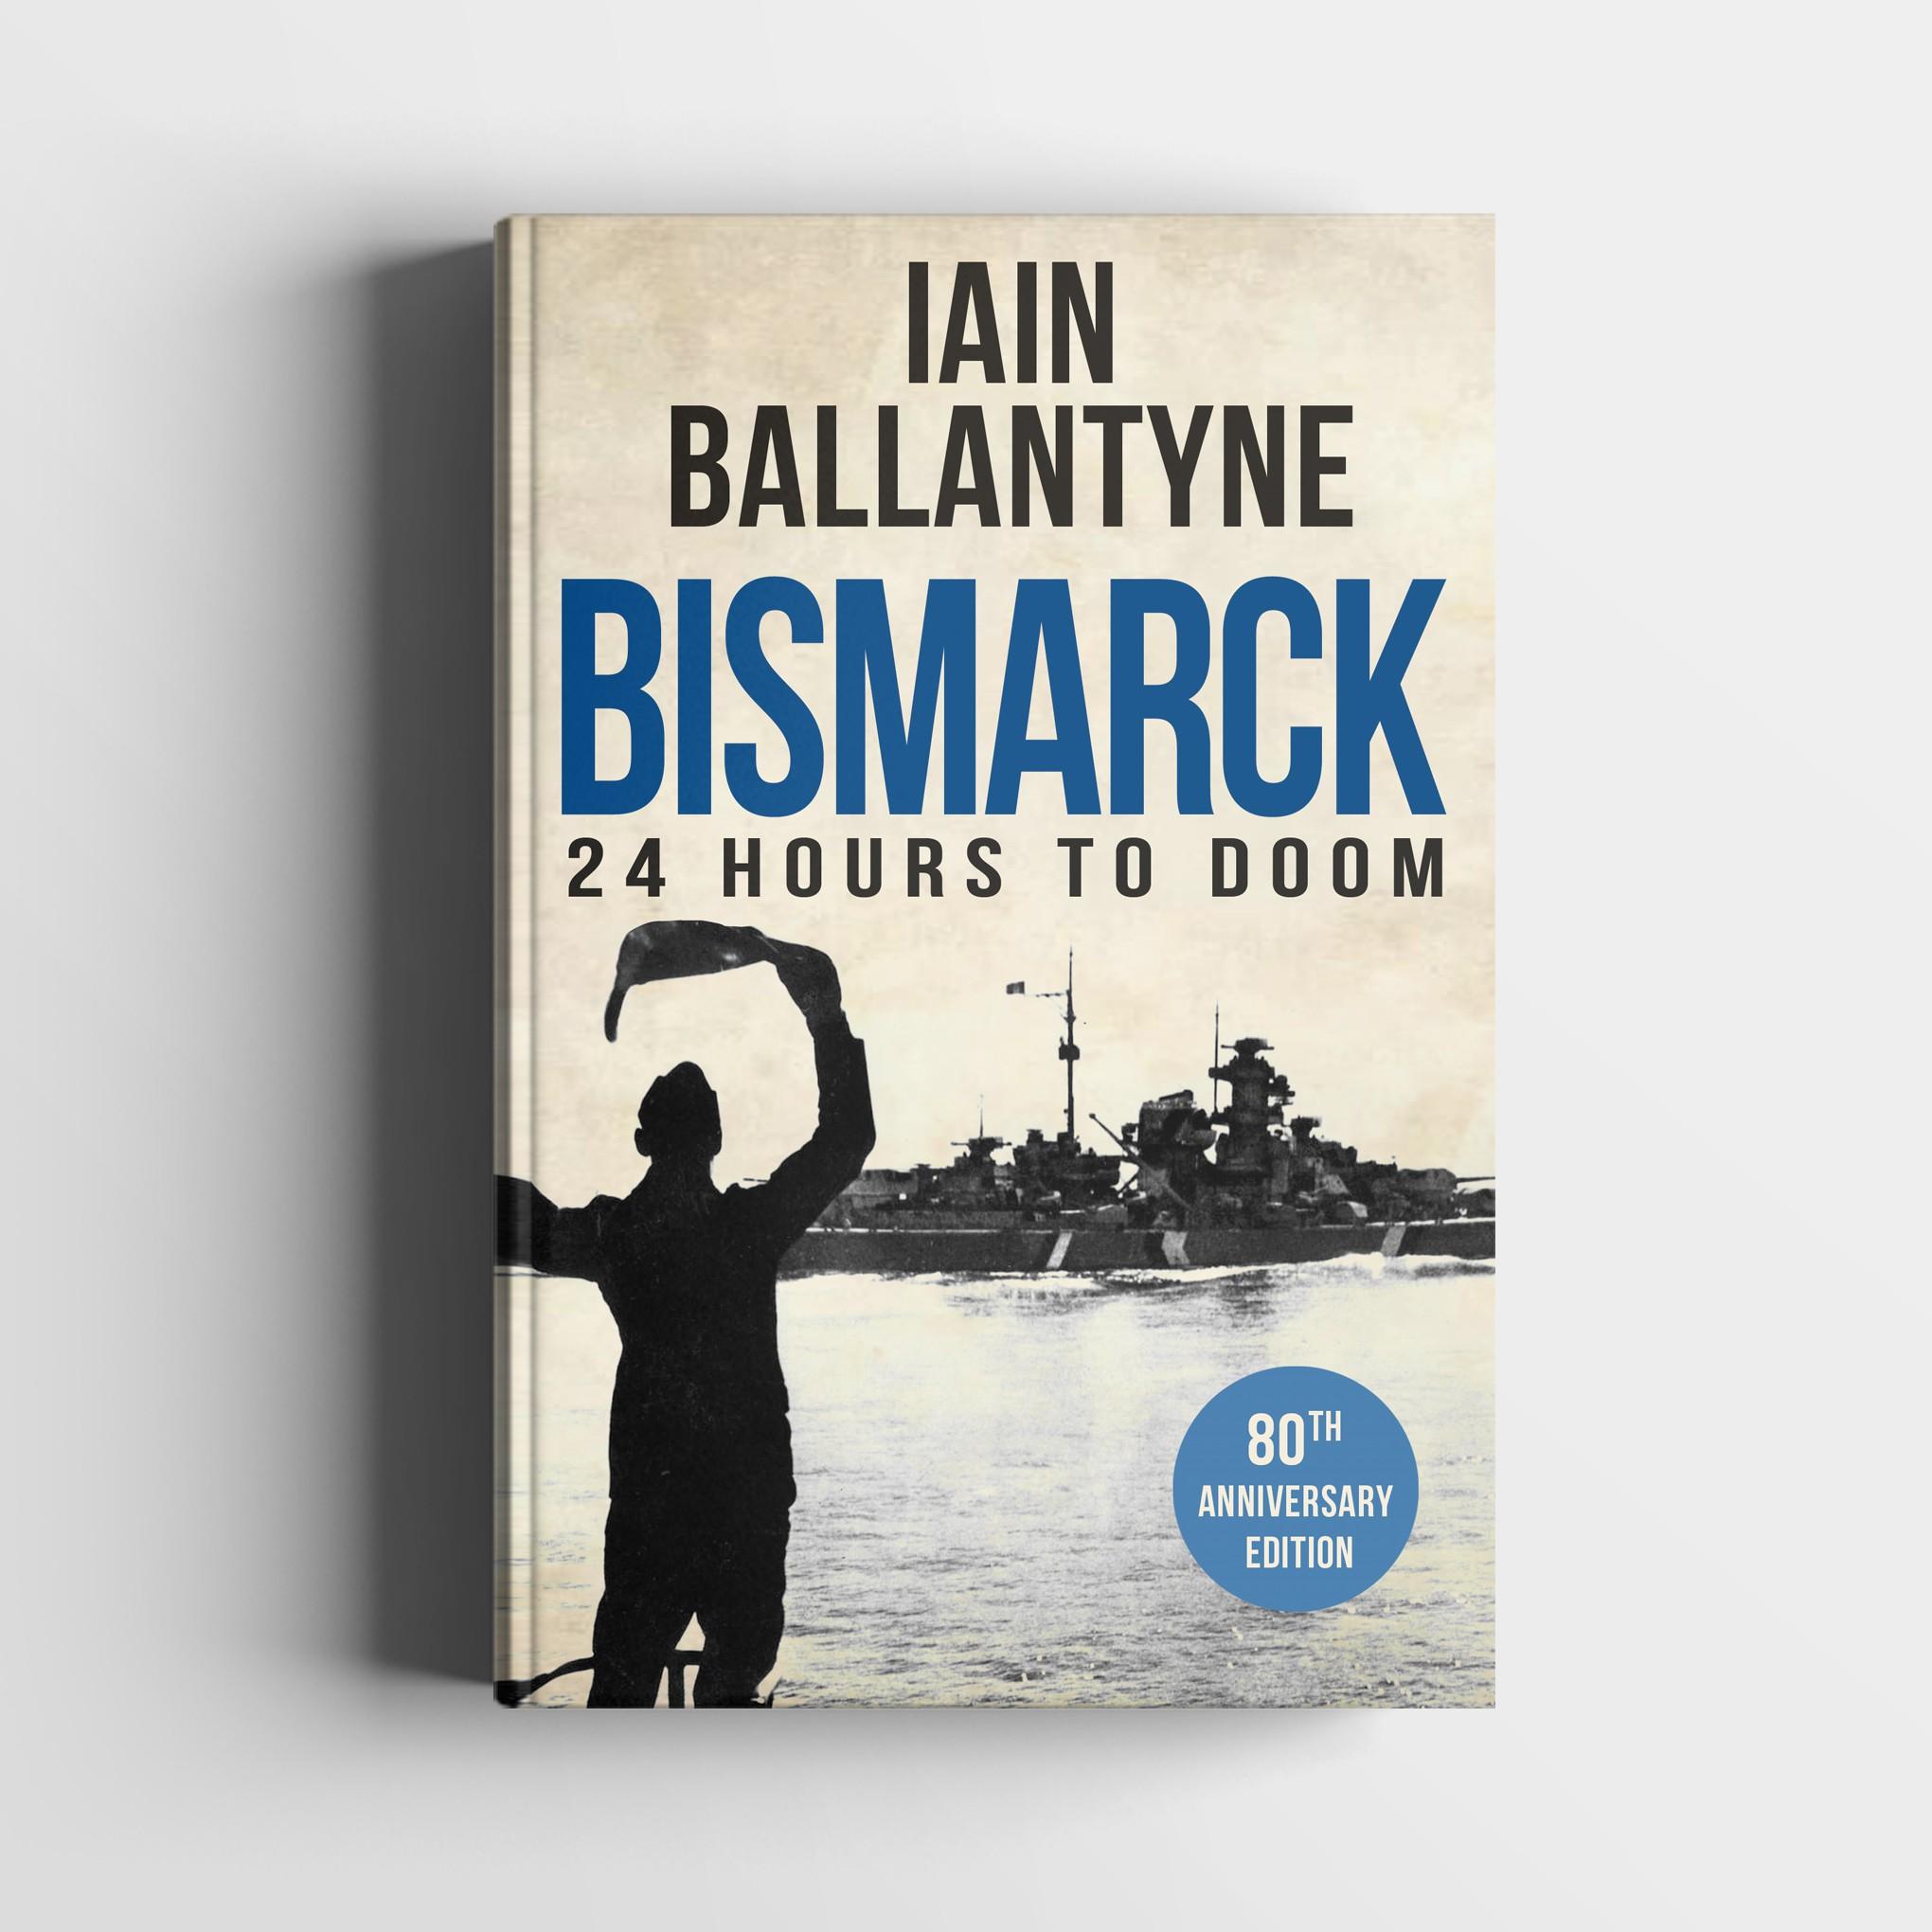 Bismarck: 24 Hours to Doom eBook Cove